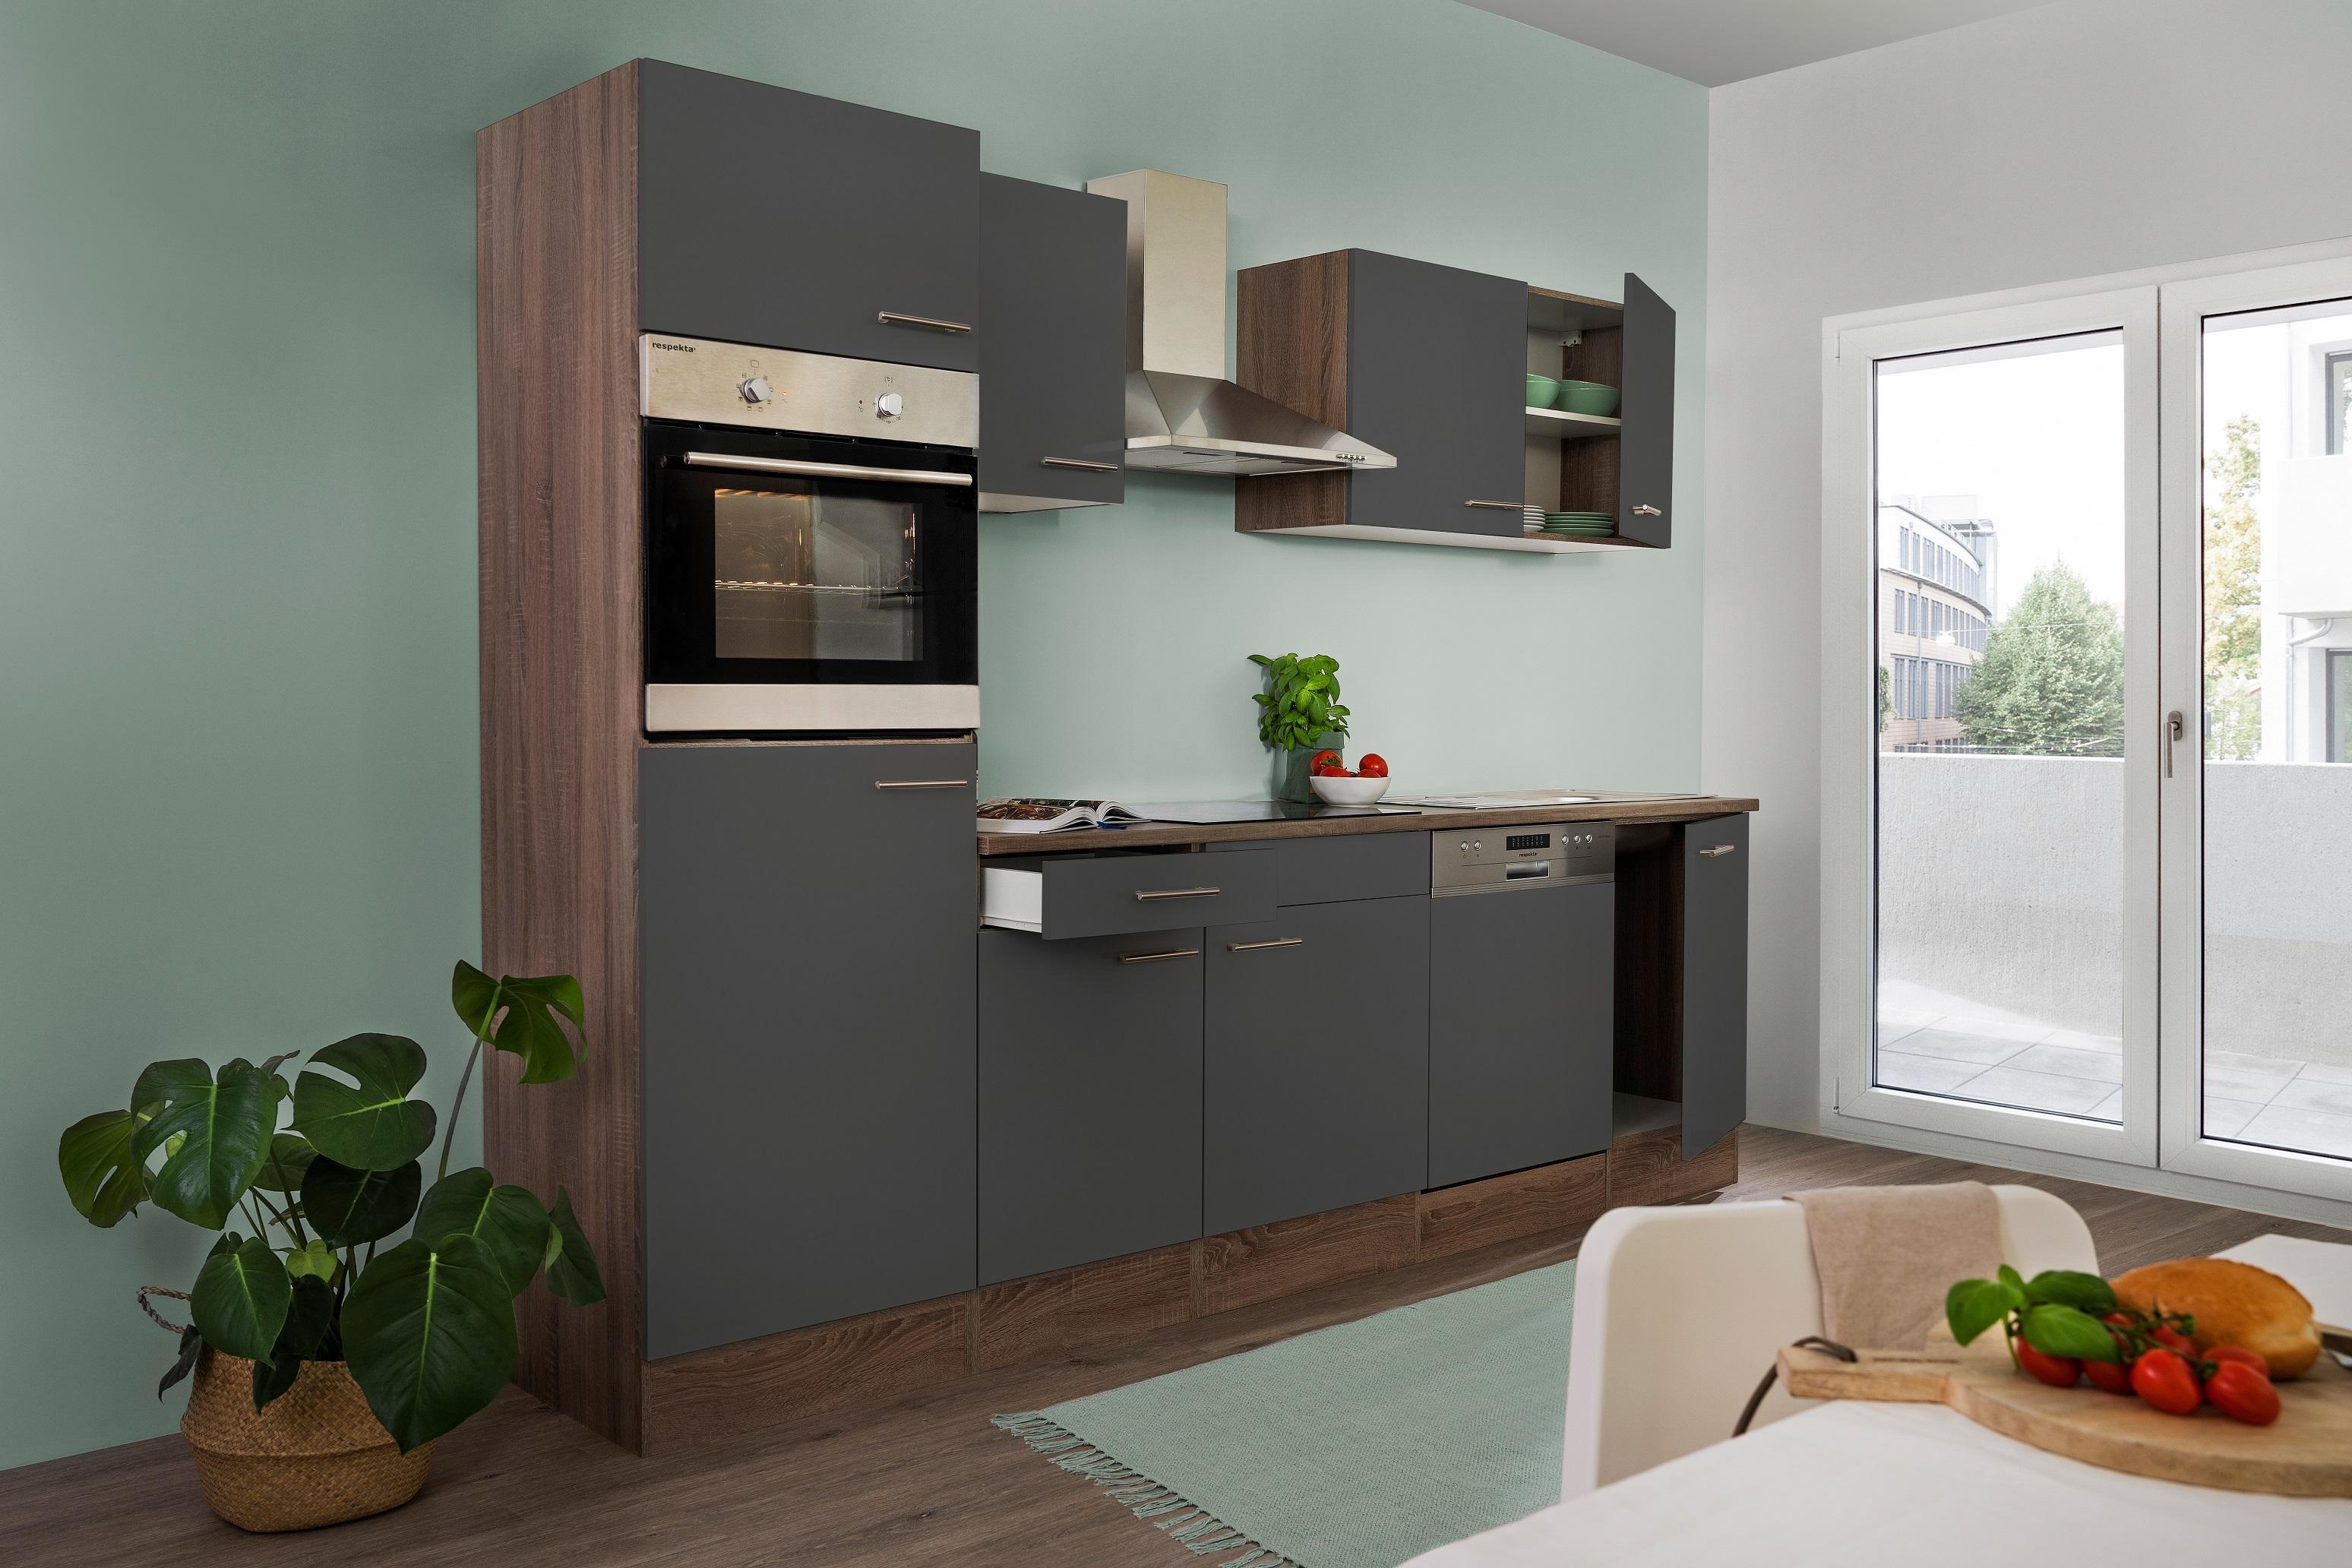 respekta Küchenzeile Küche Einbau Küchenblock Leerblock 280 cm Eiche York grau